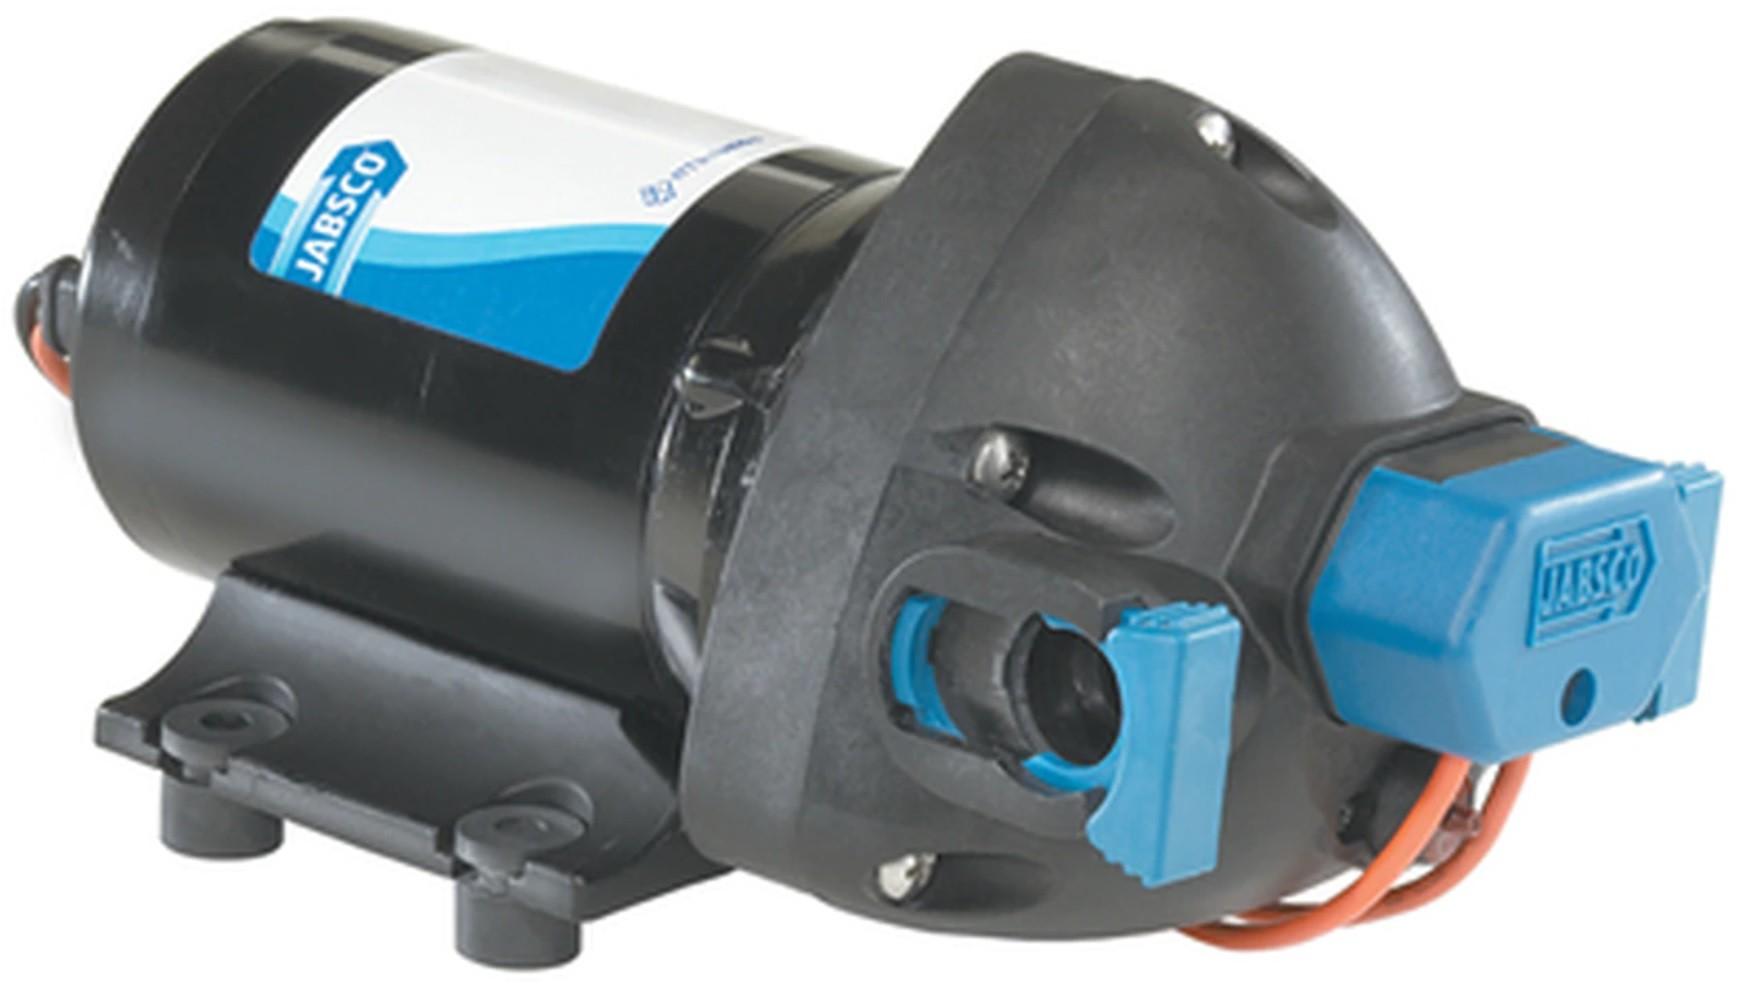 Bomba de Pressurização Automática Jabsco PAR-Max 3.5 GPM 12V 40 PSI para Barcos e Lanchas